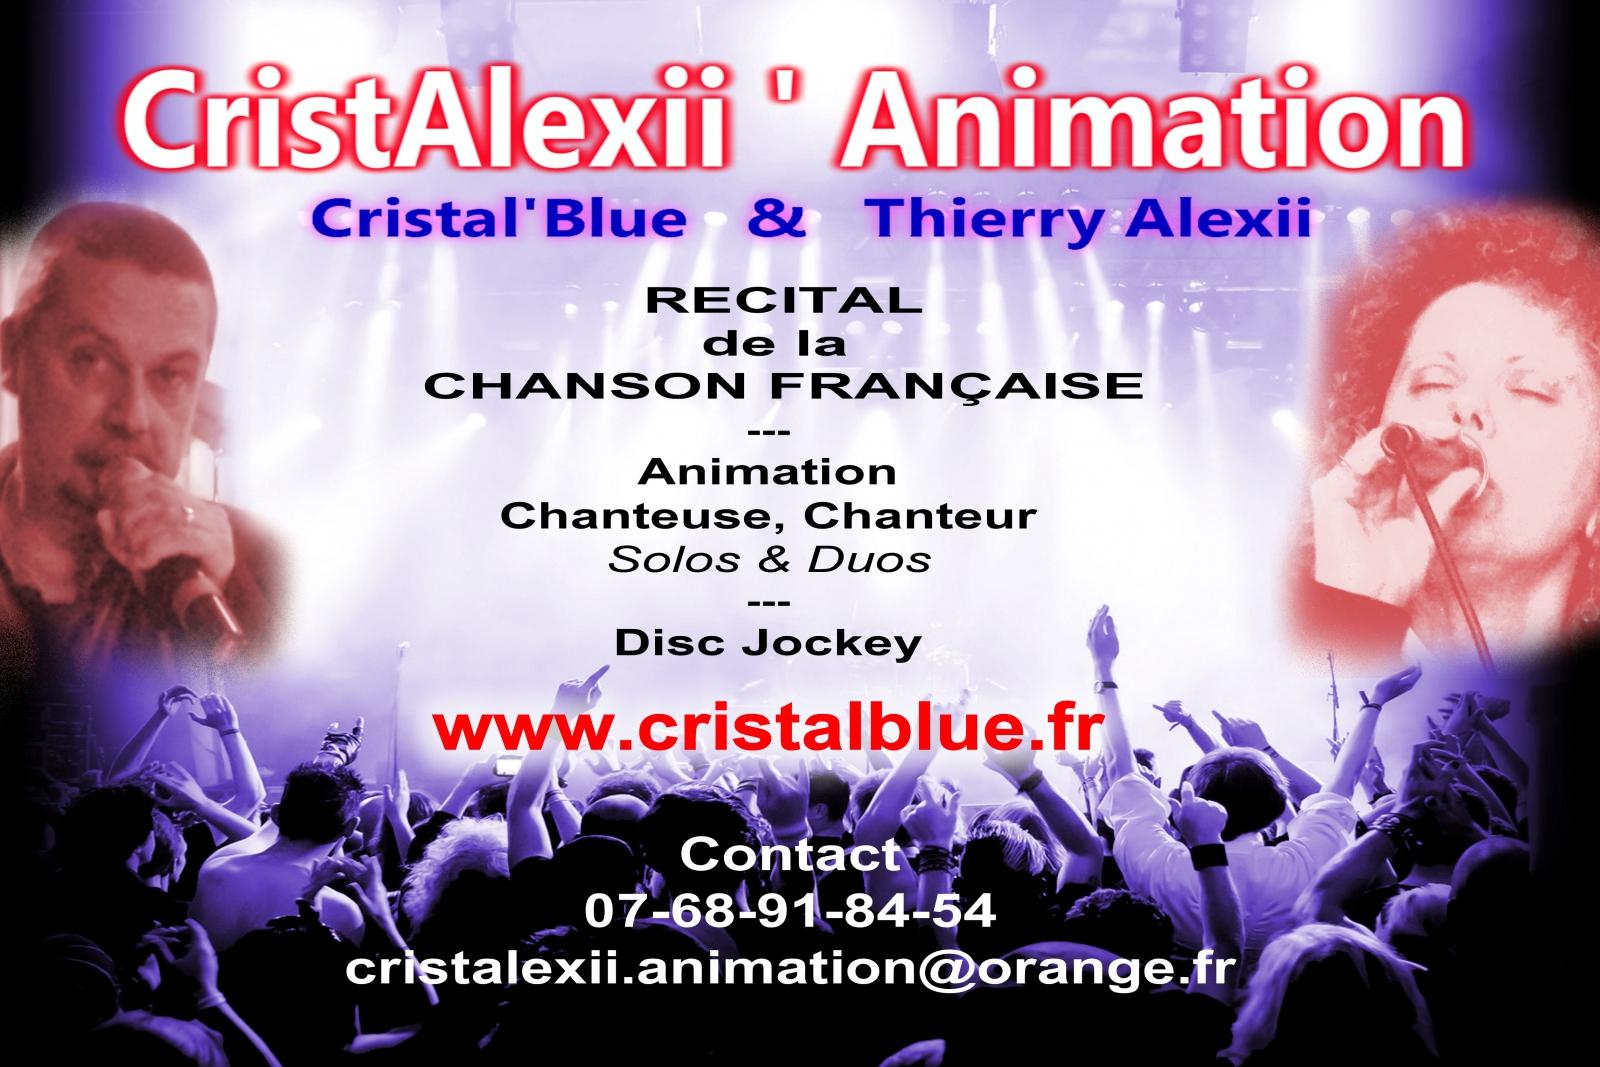 CristalBlue Thierry Alexii Site Complet De A Z CmonSite